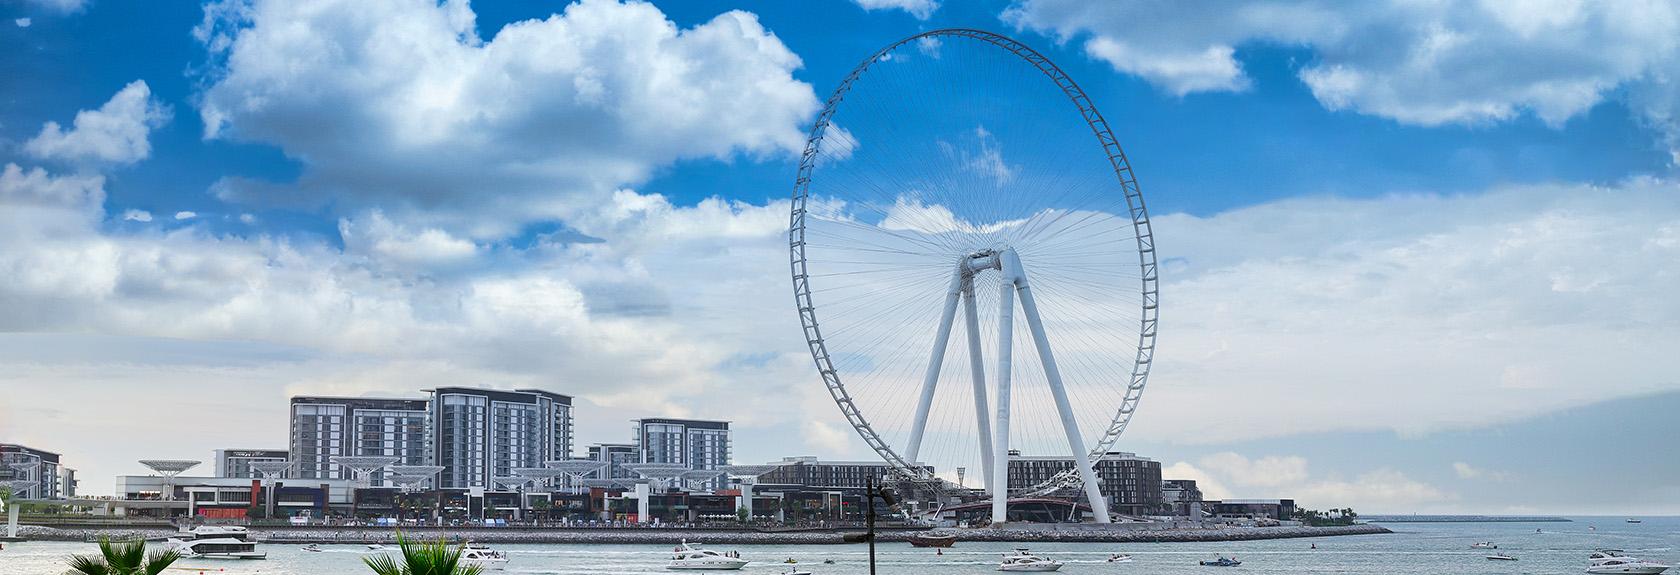 De Ain Dubai, het grootste reuzenrad van de wereld (opening 2021)